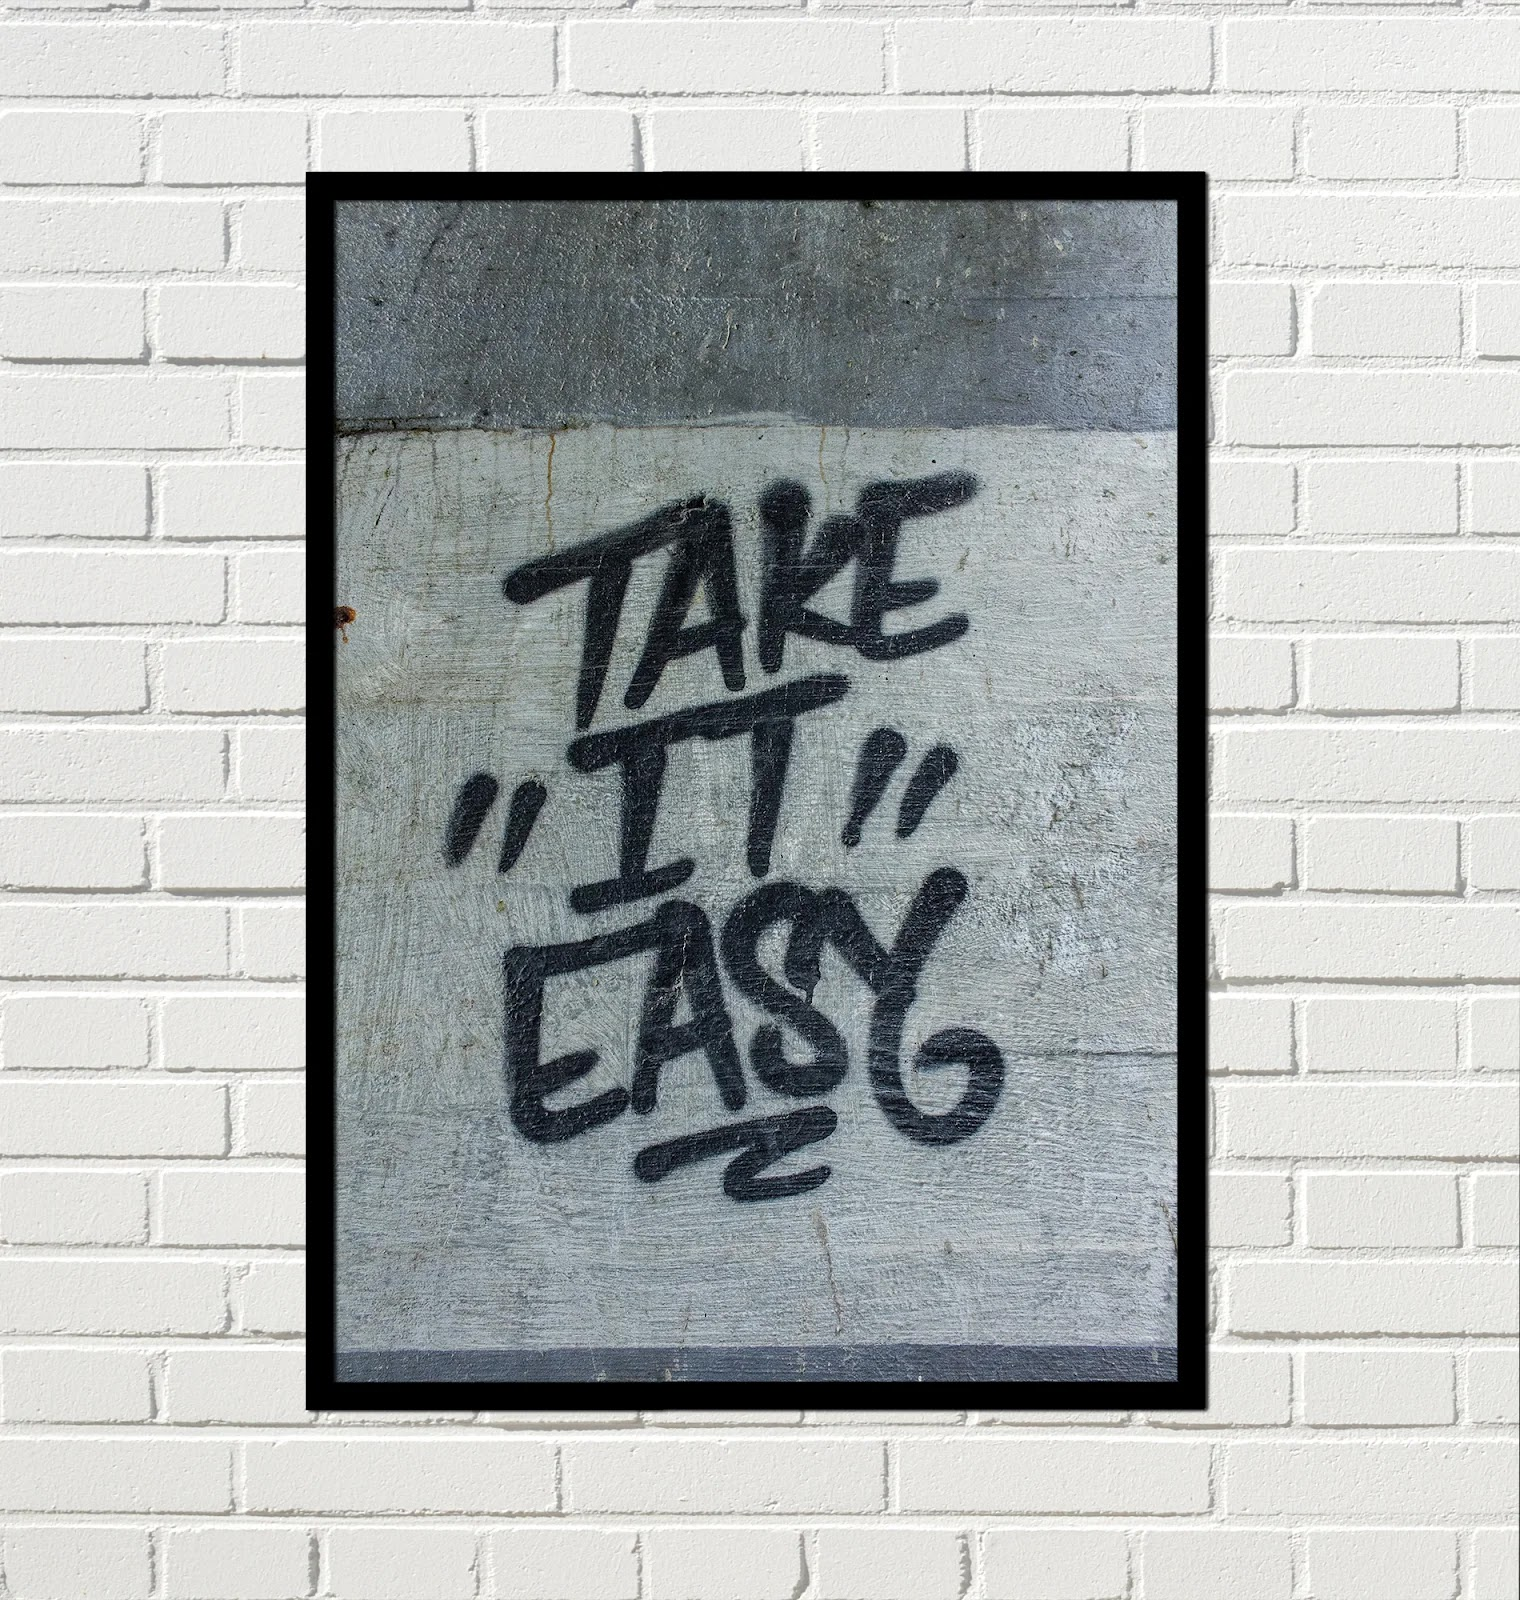 Cuadro Urbano Take it easy